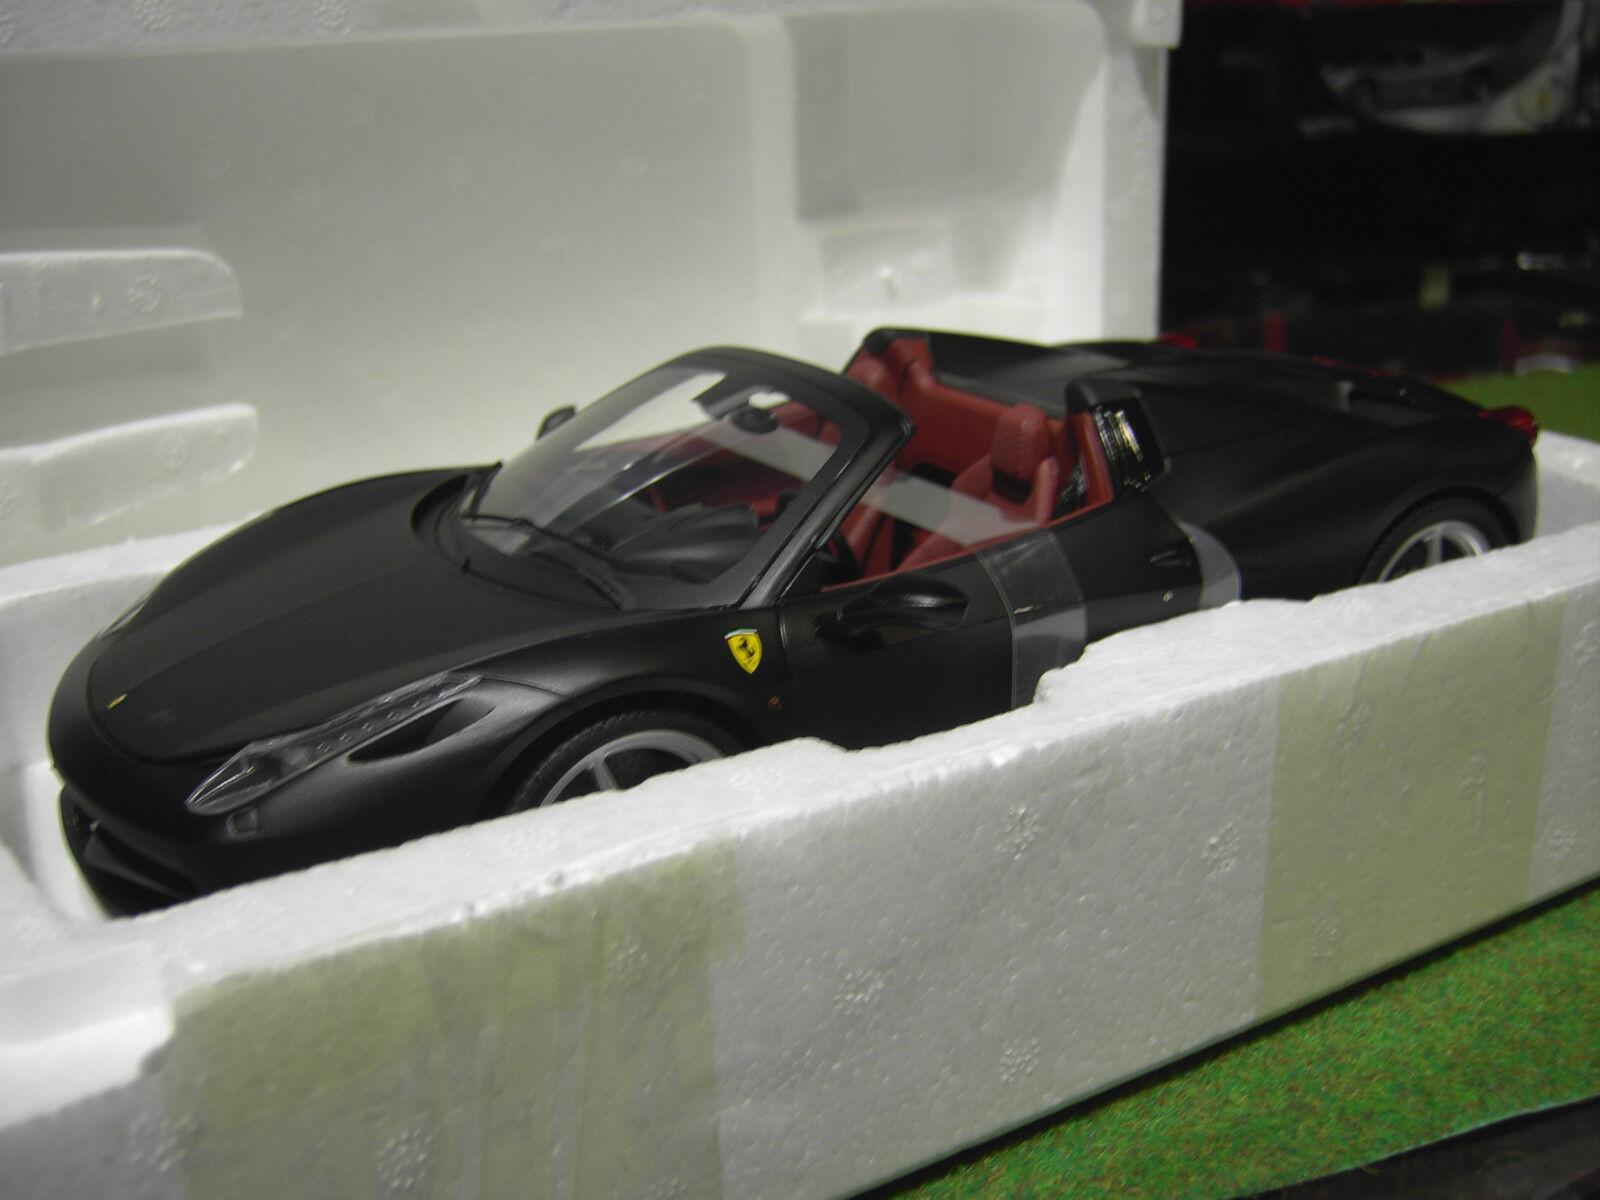 echa un vistazo a los más baratos FERRARI 458 458 458 ITALIA SPIDER  nr matt 1 18 HOT WHEELS ELITE X5485 voiture miniature  calidad garantizada